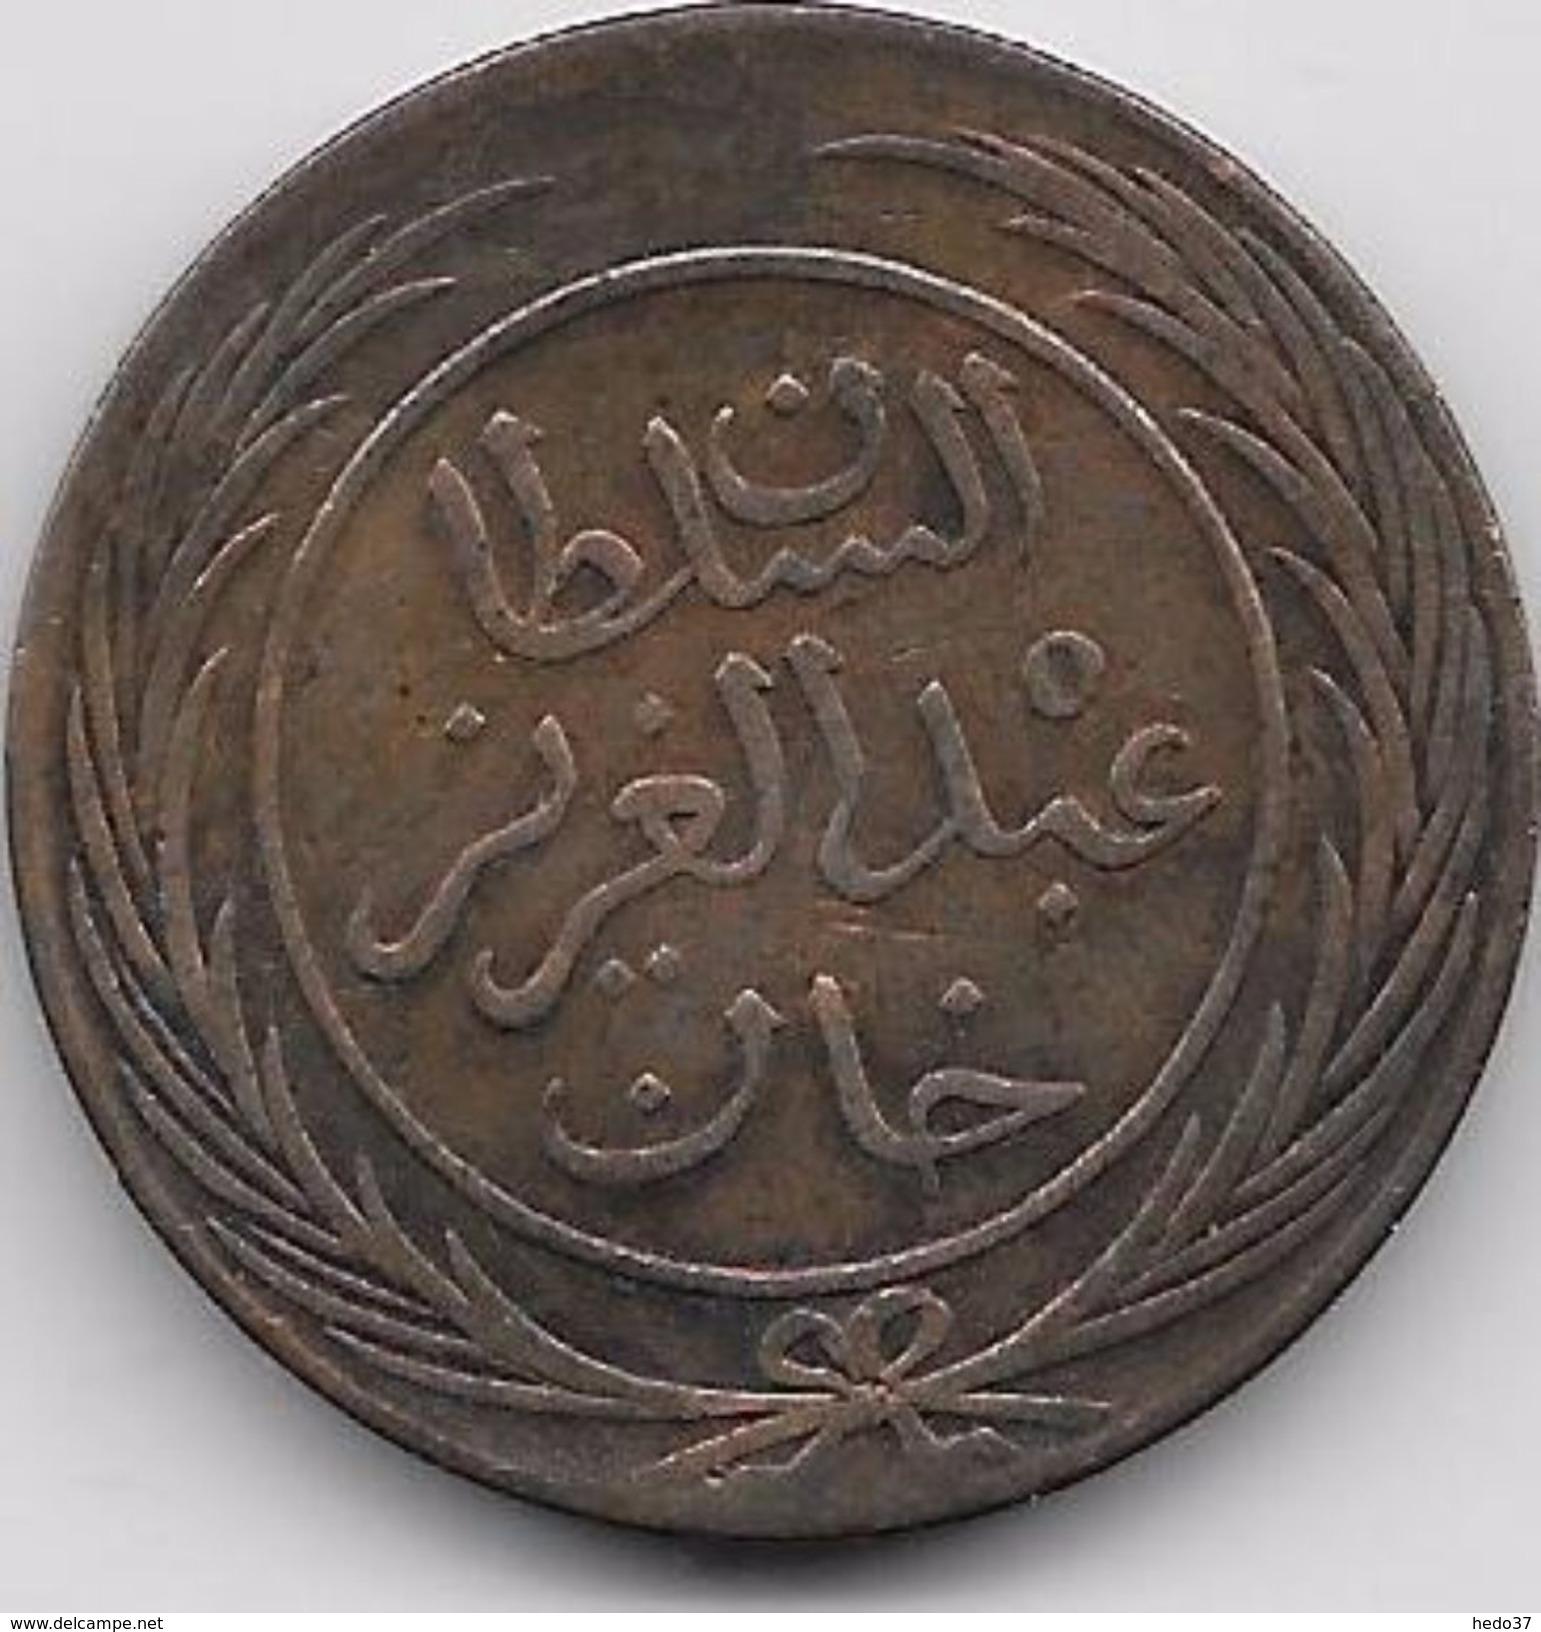 Tunisie 4 Kharub - 1283 - Monnaies